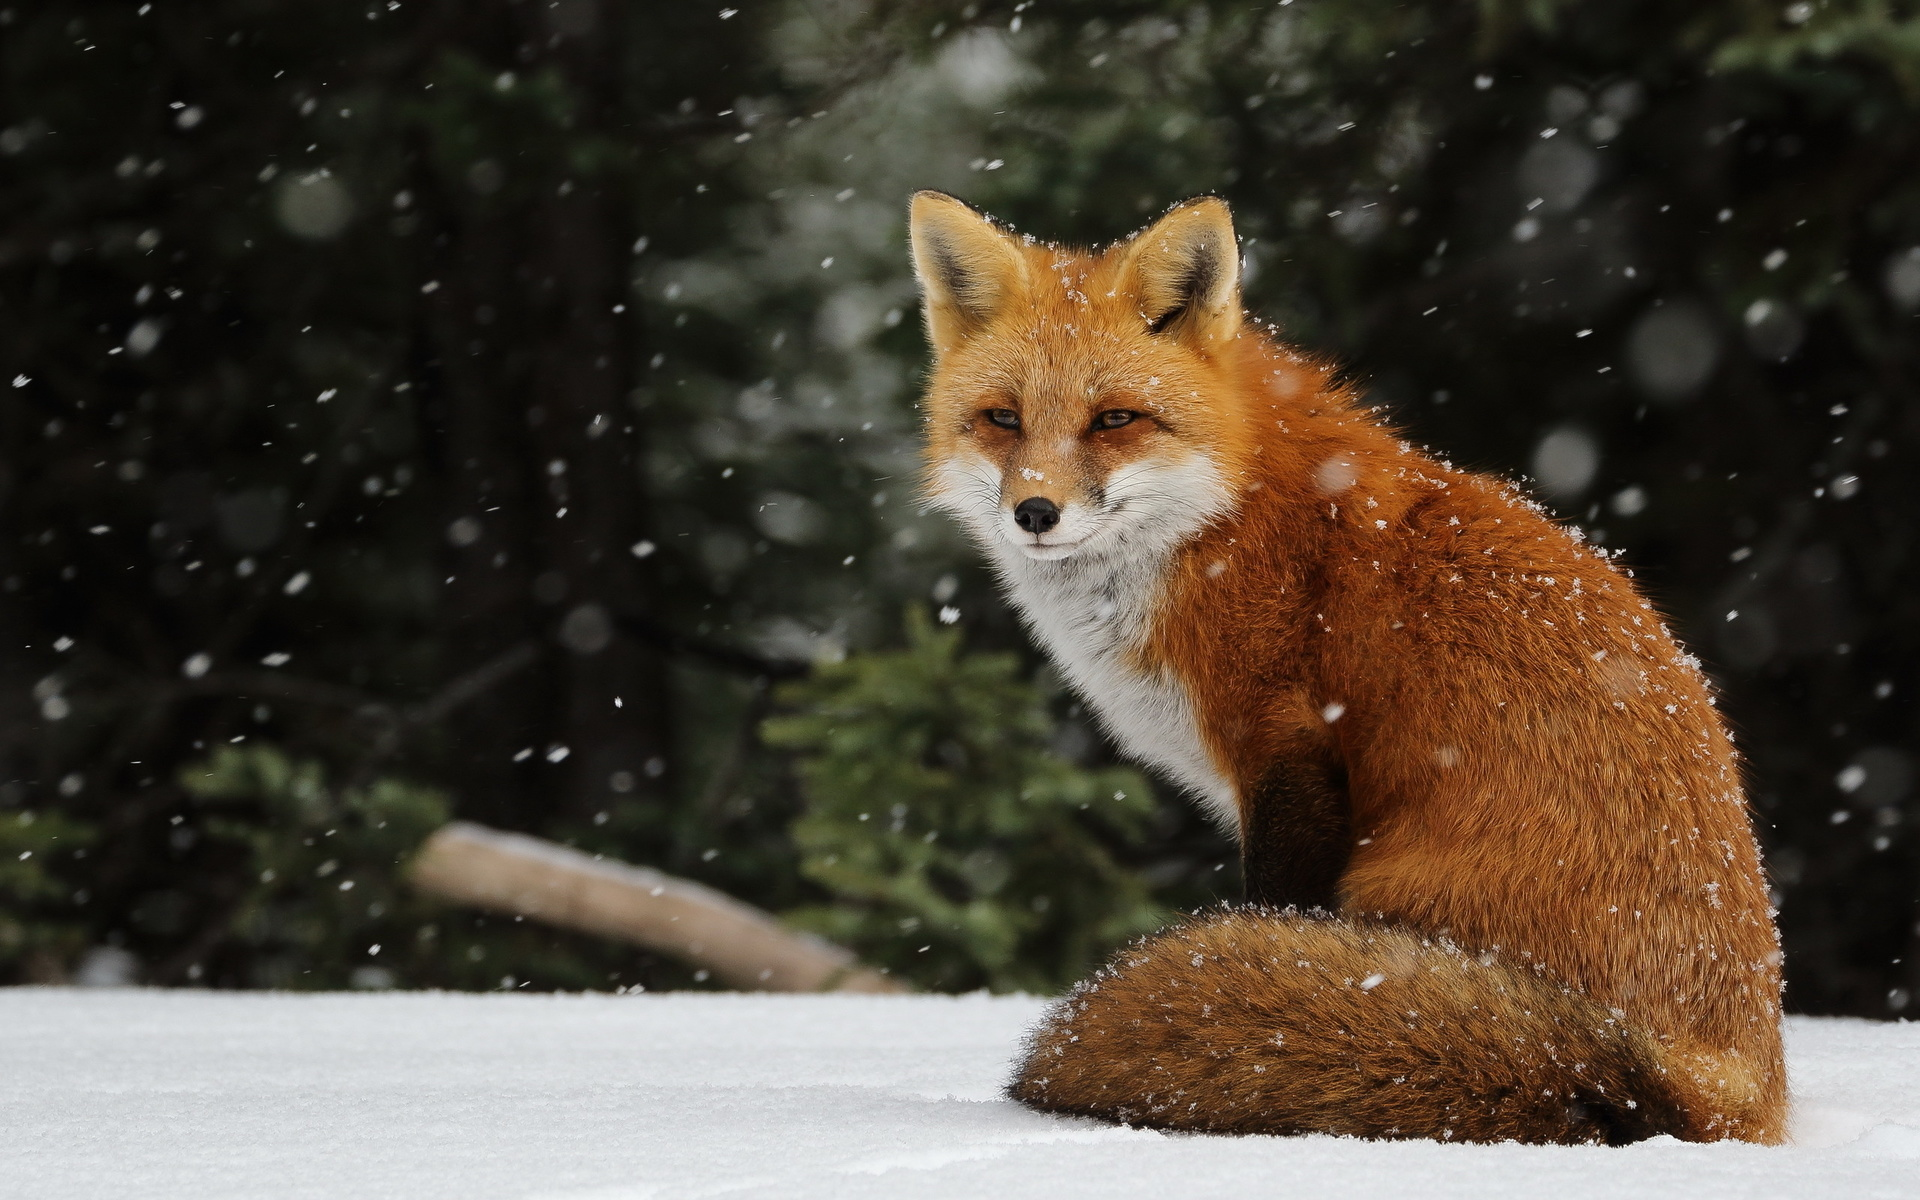 Красивые картинки лисы, фантиков конфет привет